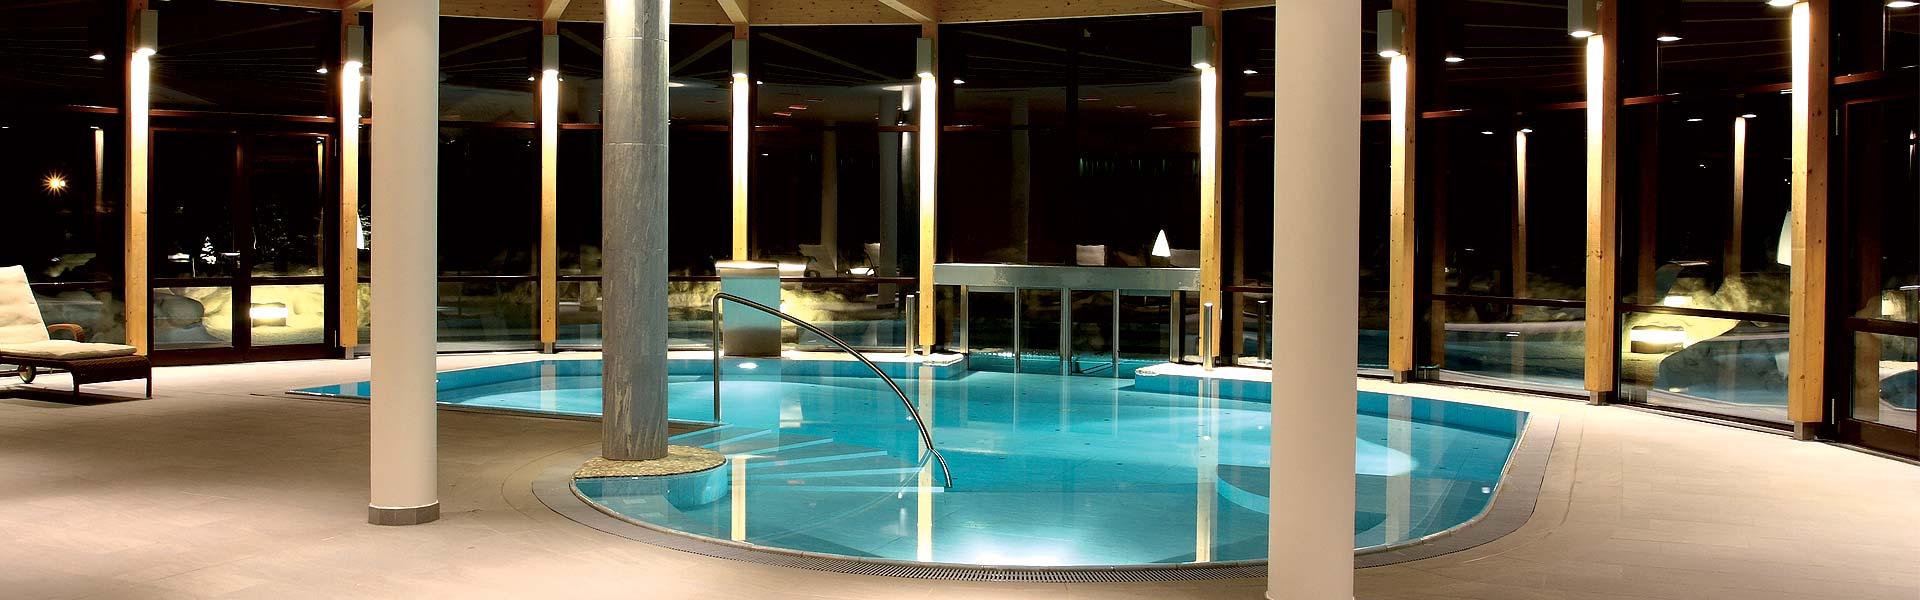 Stimmungsbild-Schwimmbad-1920-600